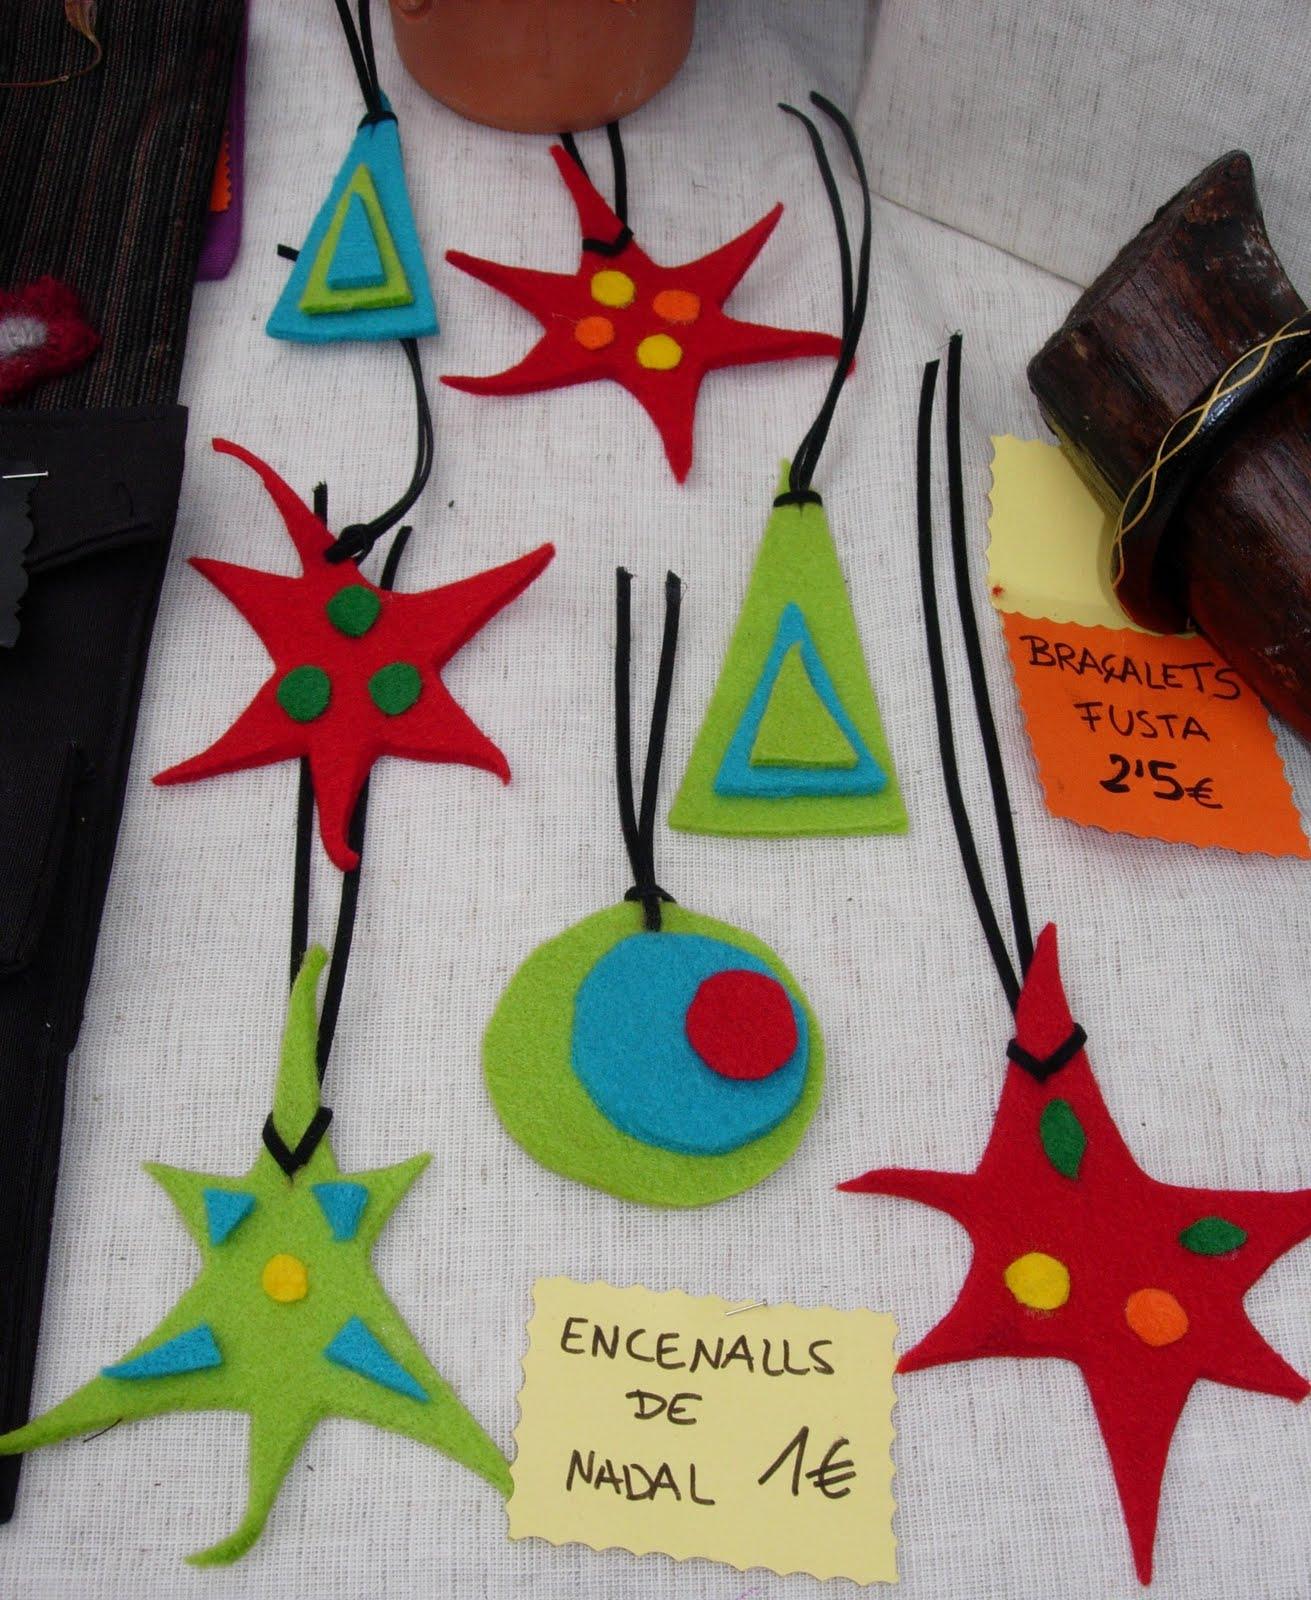 Amb molt de gust adorns de nadal adornos de navidad - Adornos de nadal ...